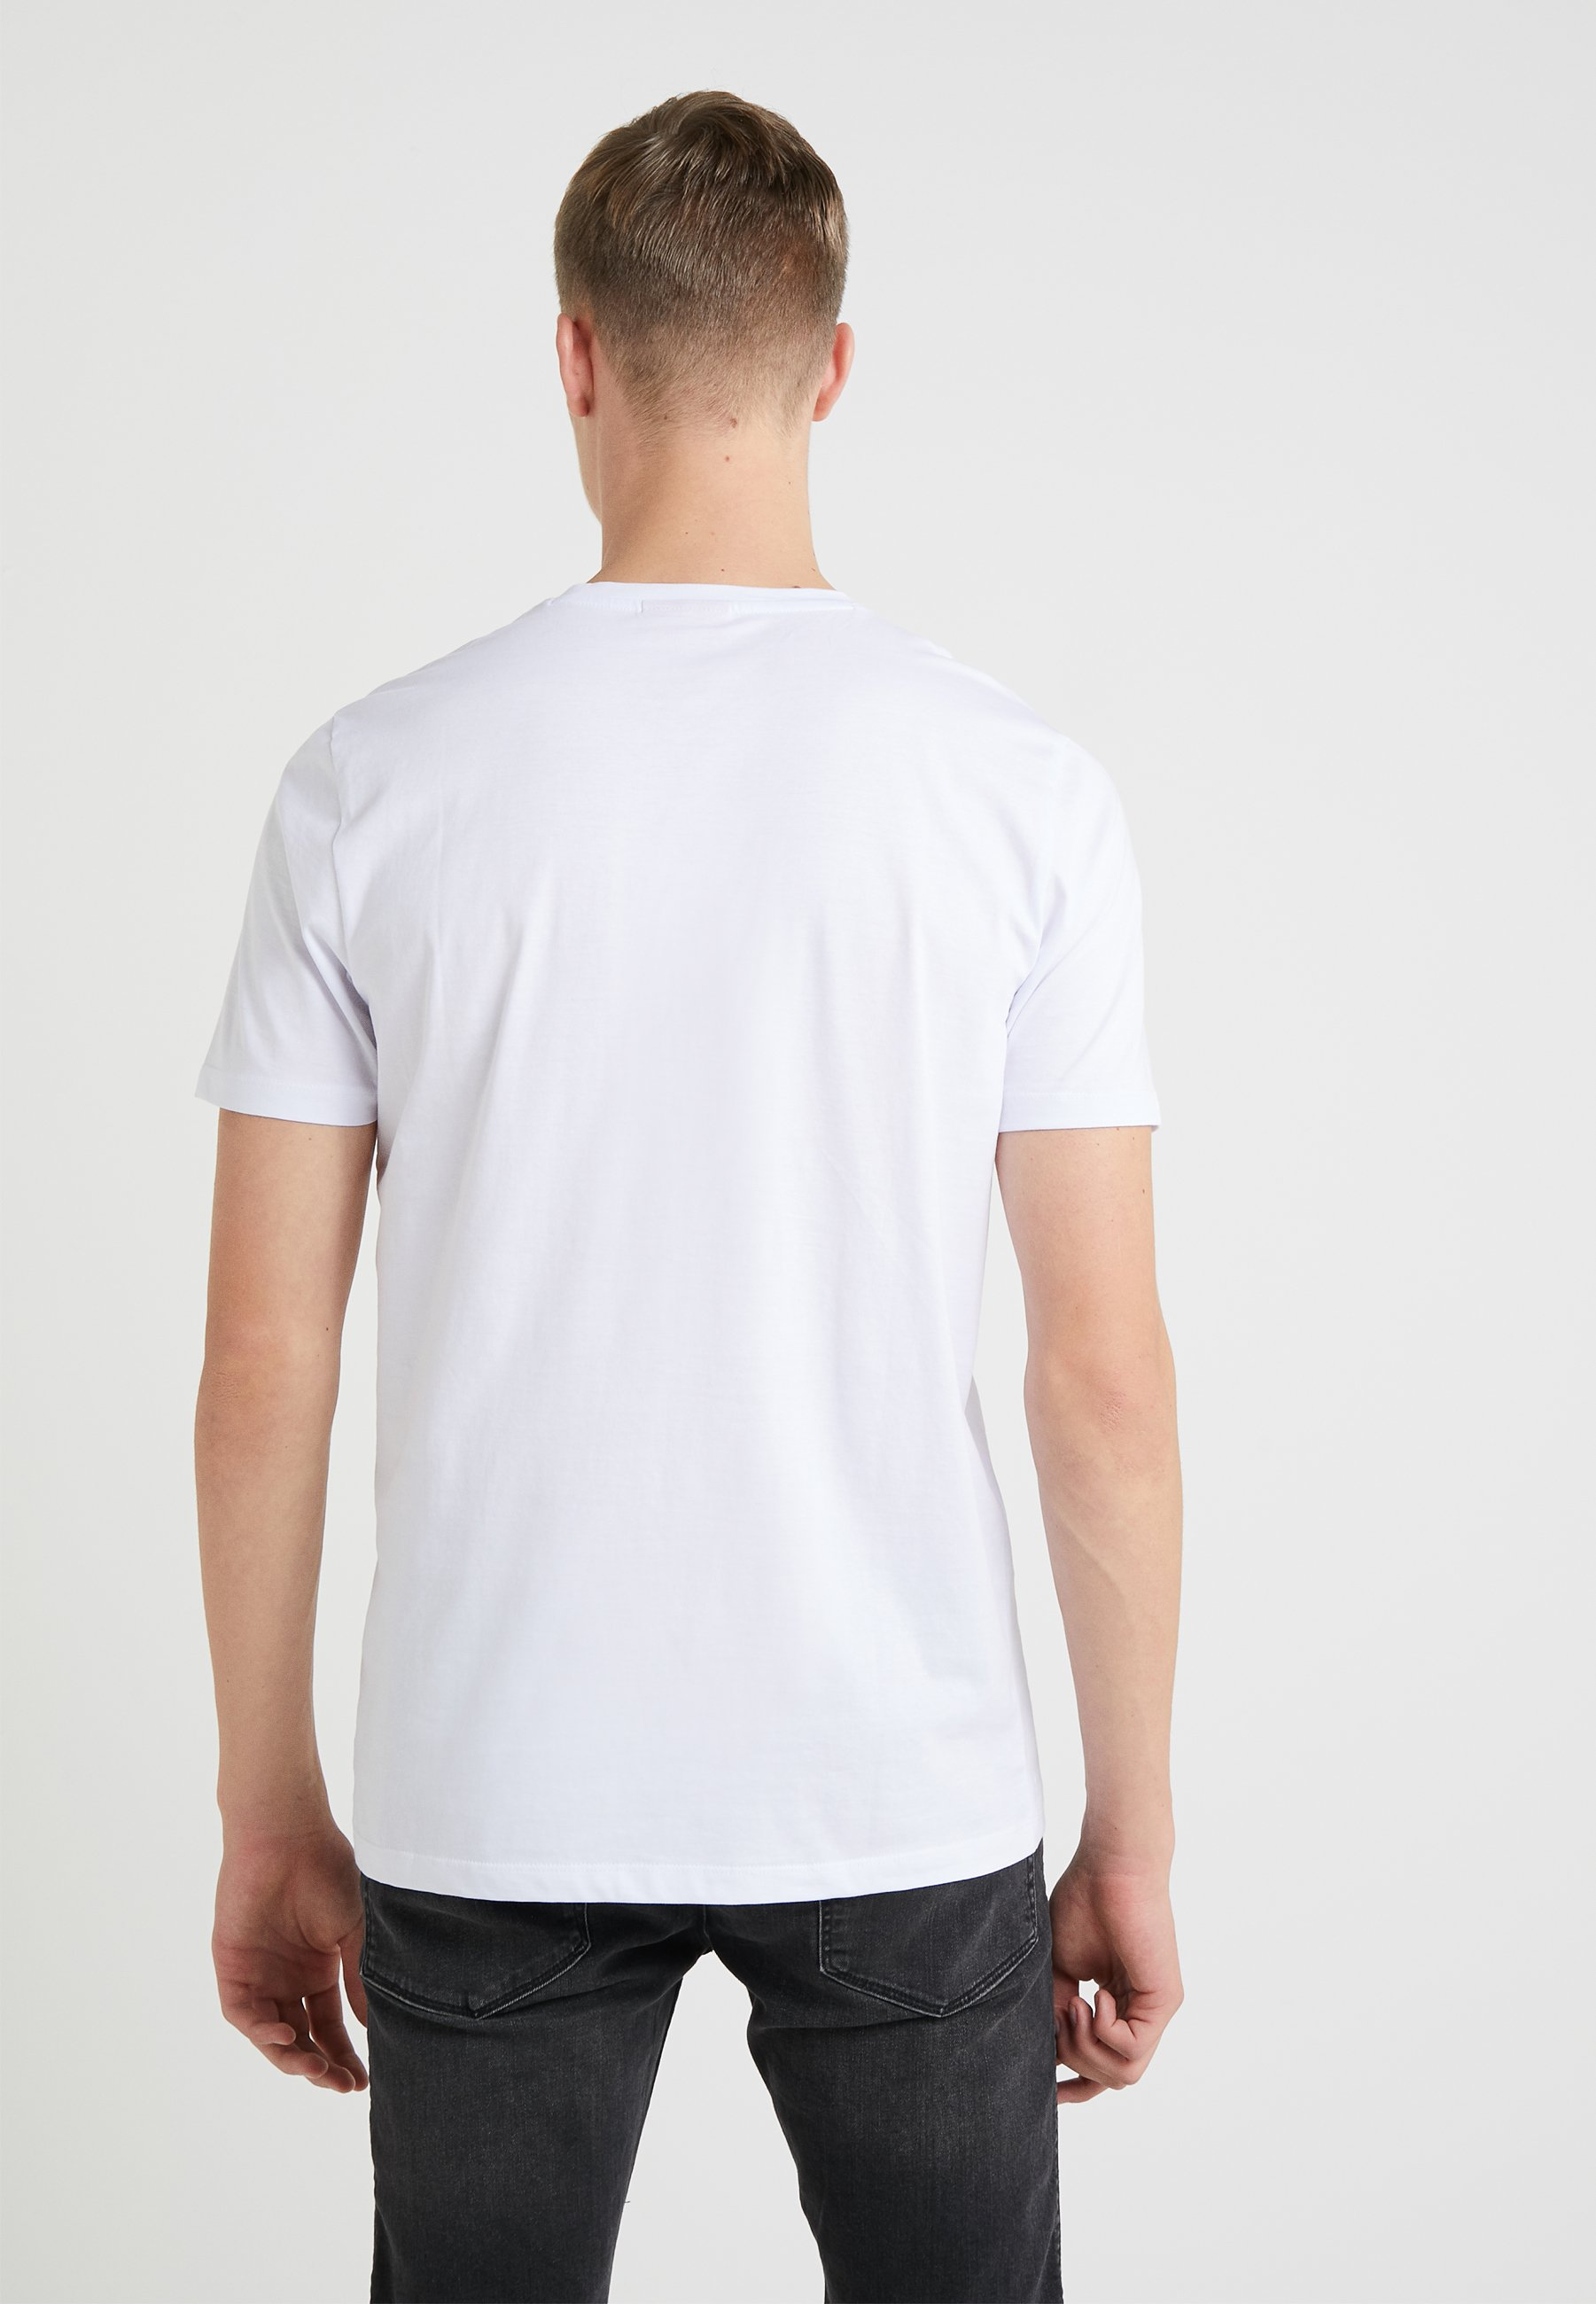 Imprimé White Hugo shirt Hugo DoliveT DoliveT oWQCerdxBE